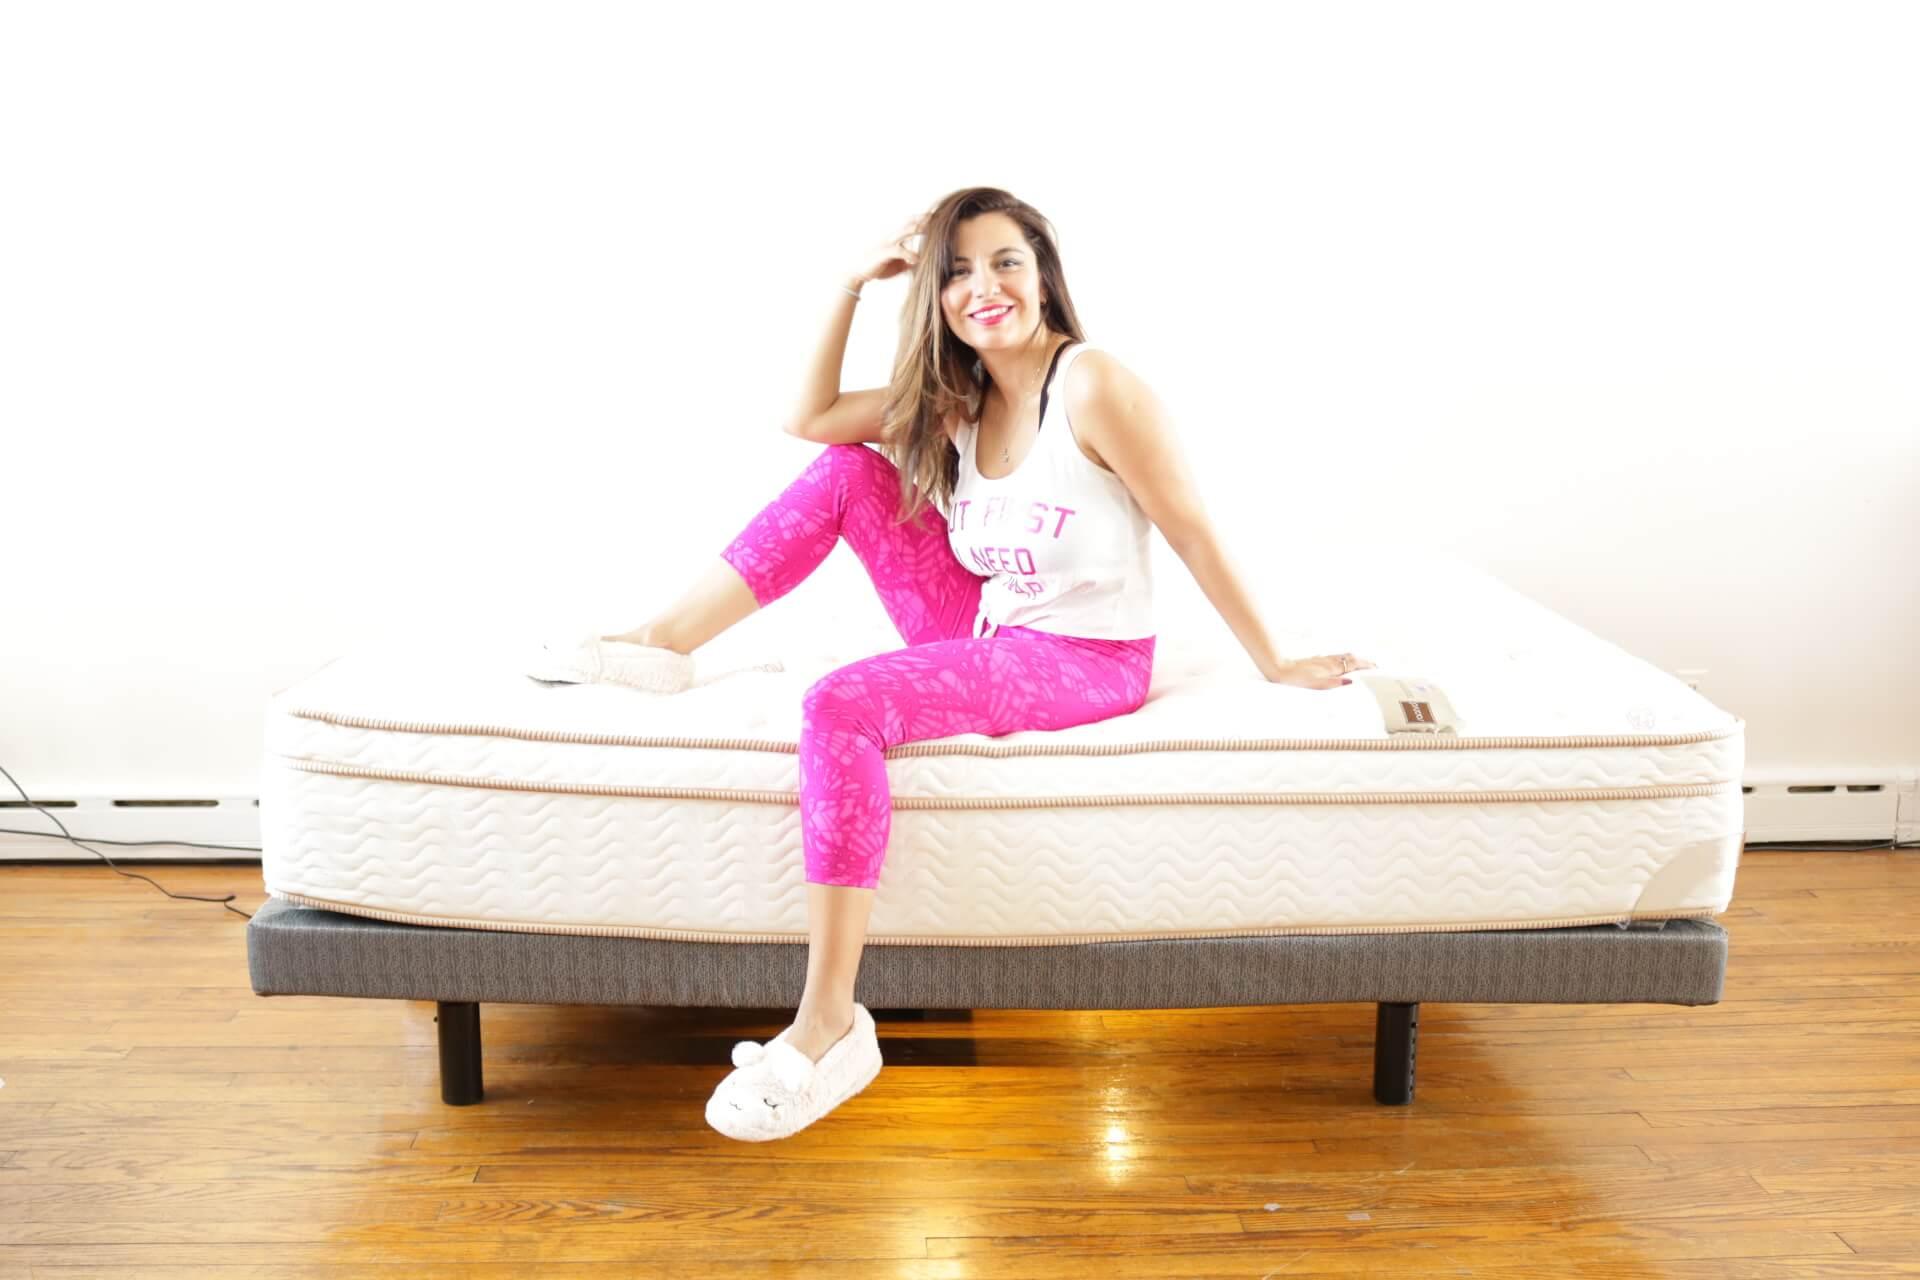 Tempurpedic Vs Sleep Number >> Saatva Lineal Adjustable Bed Review, Lineal Base - Girl On ...